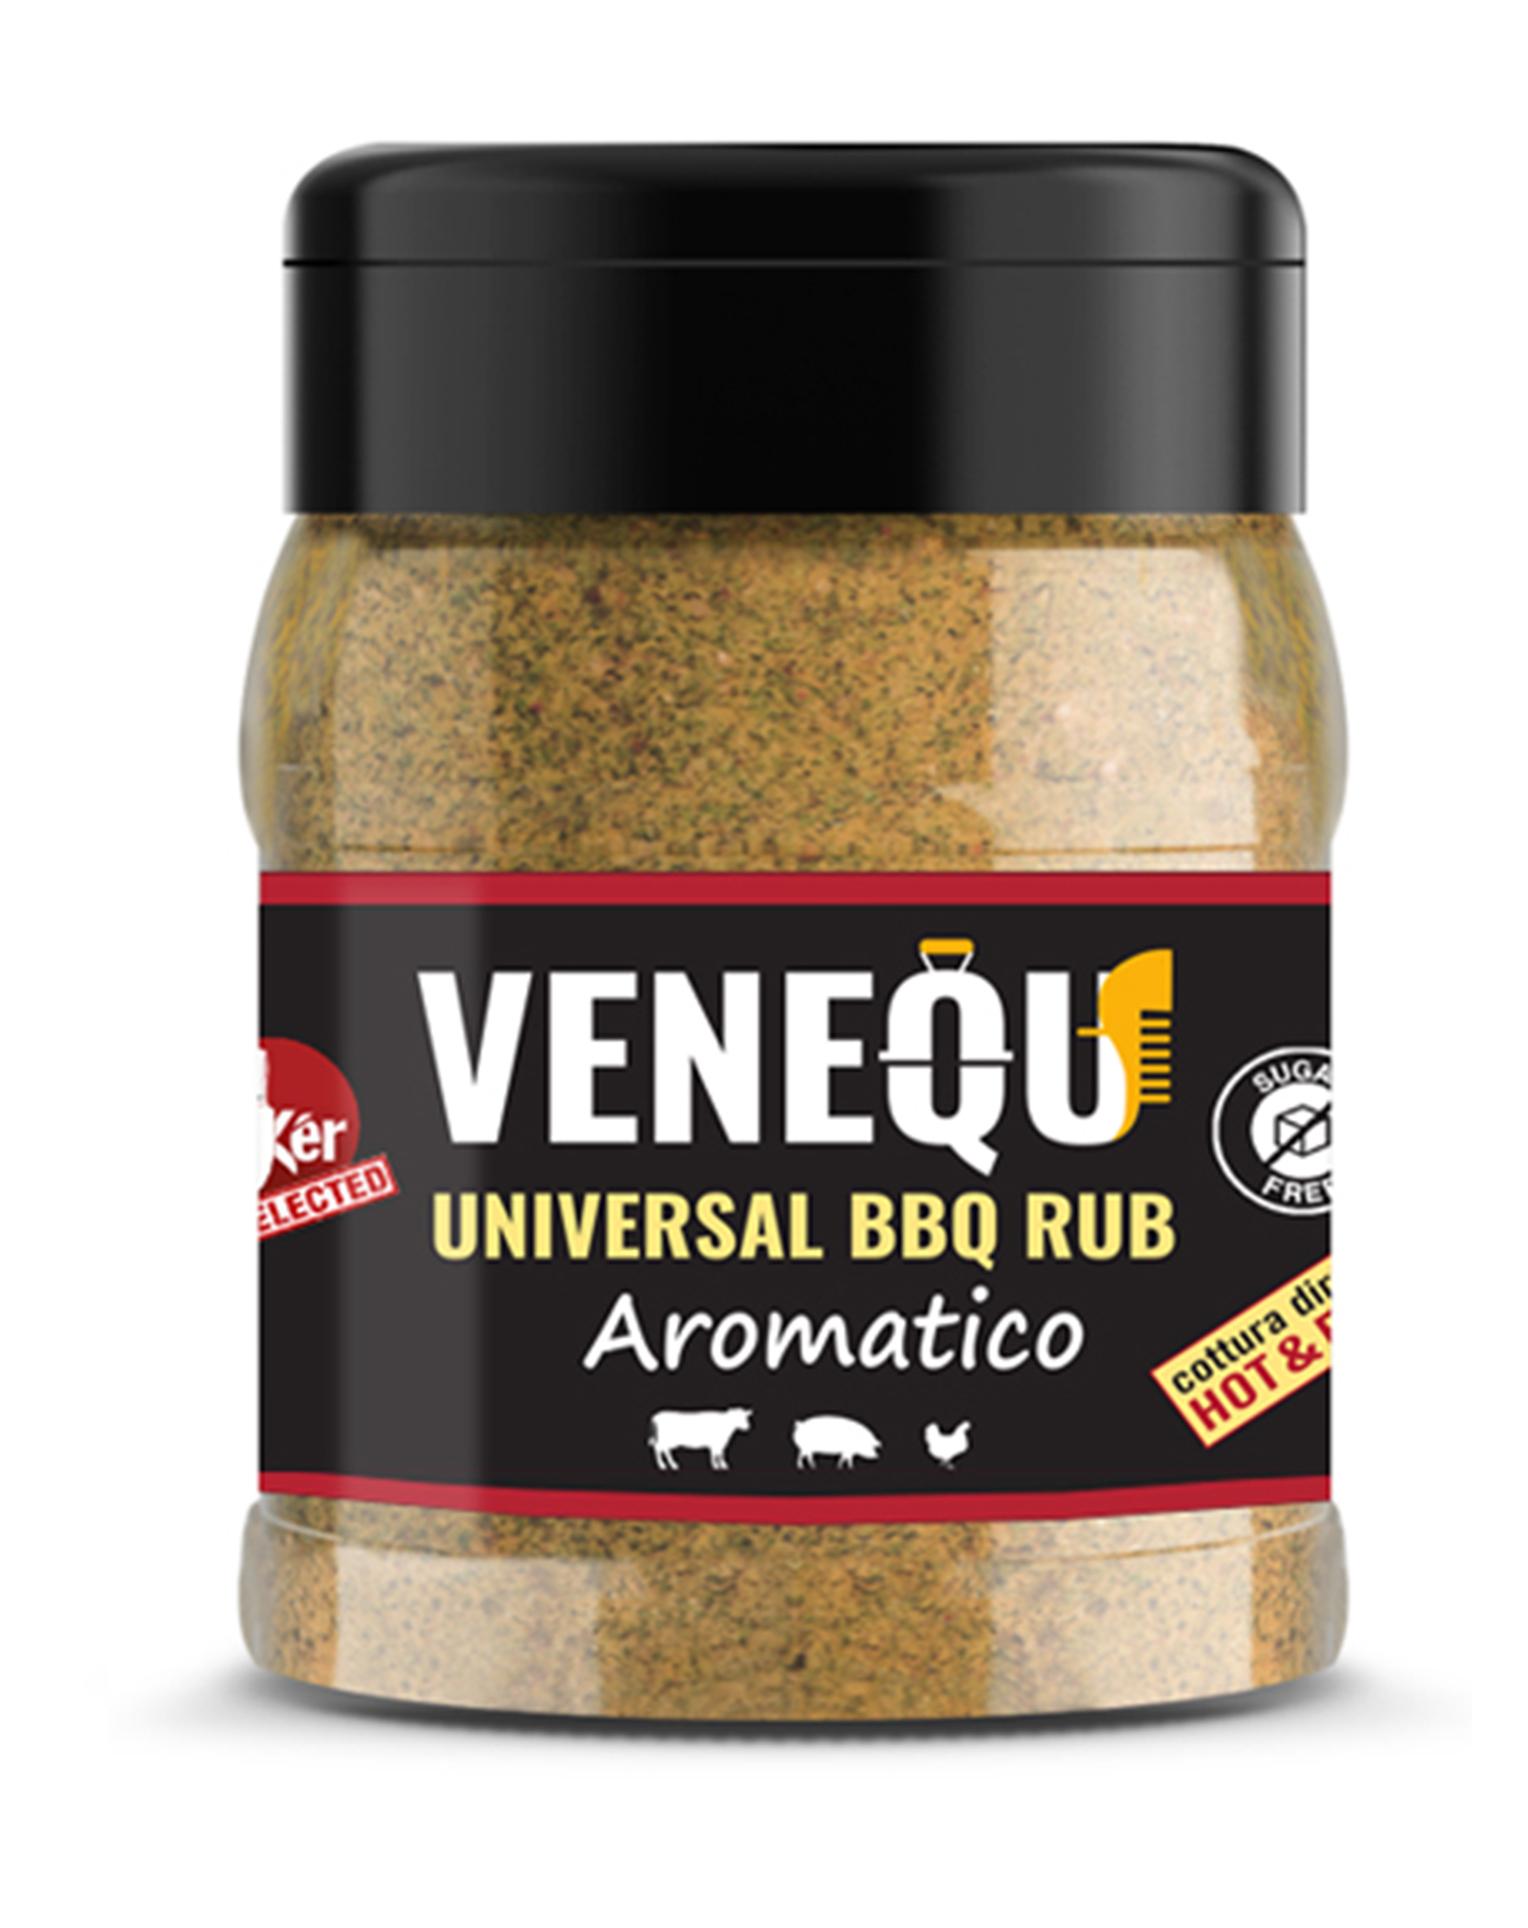 Universal BBQ rub - Aromatico - 150 gr